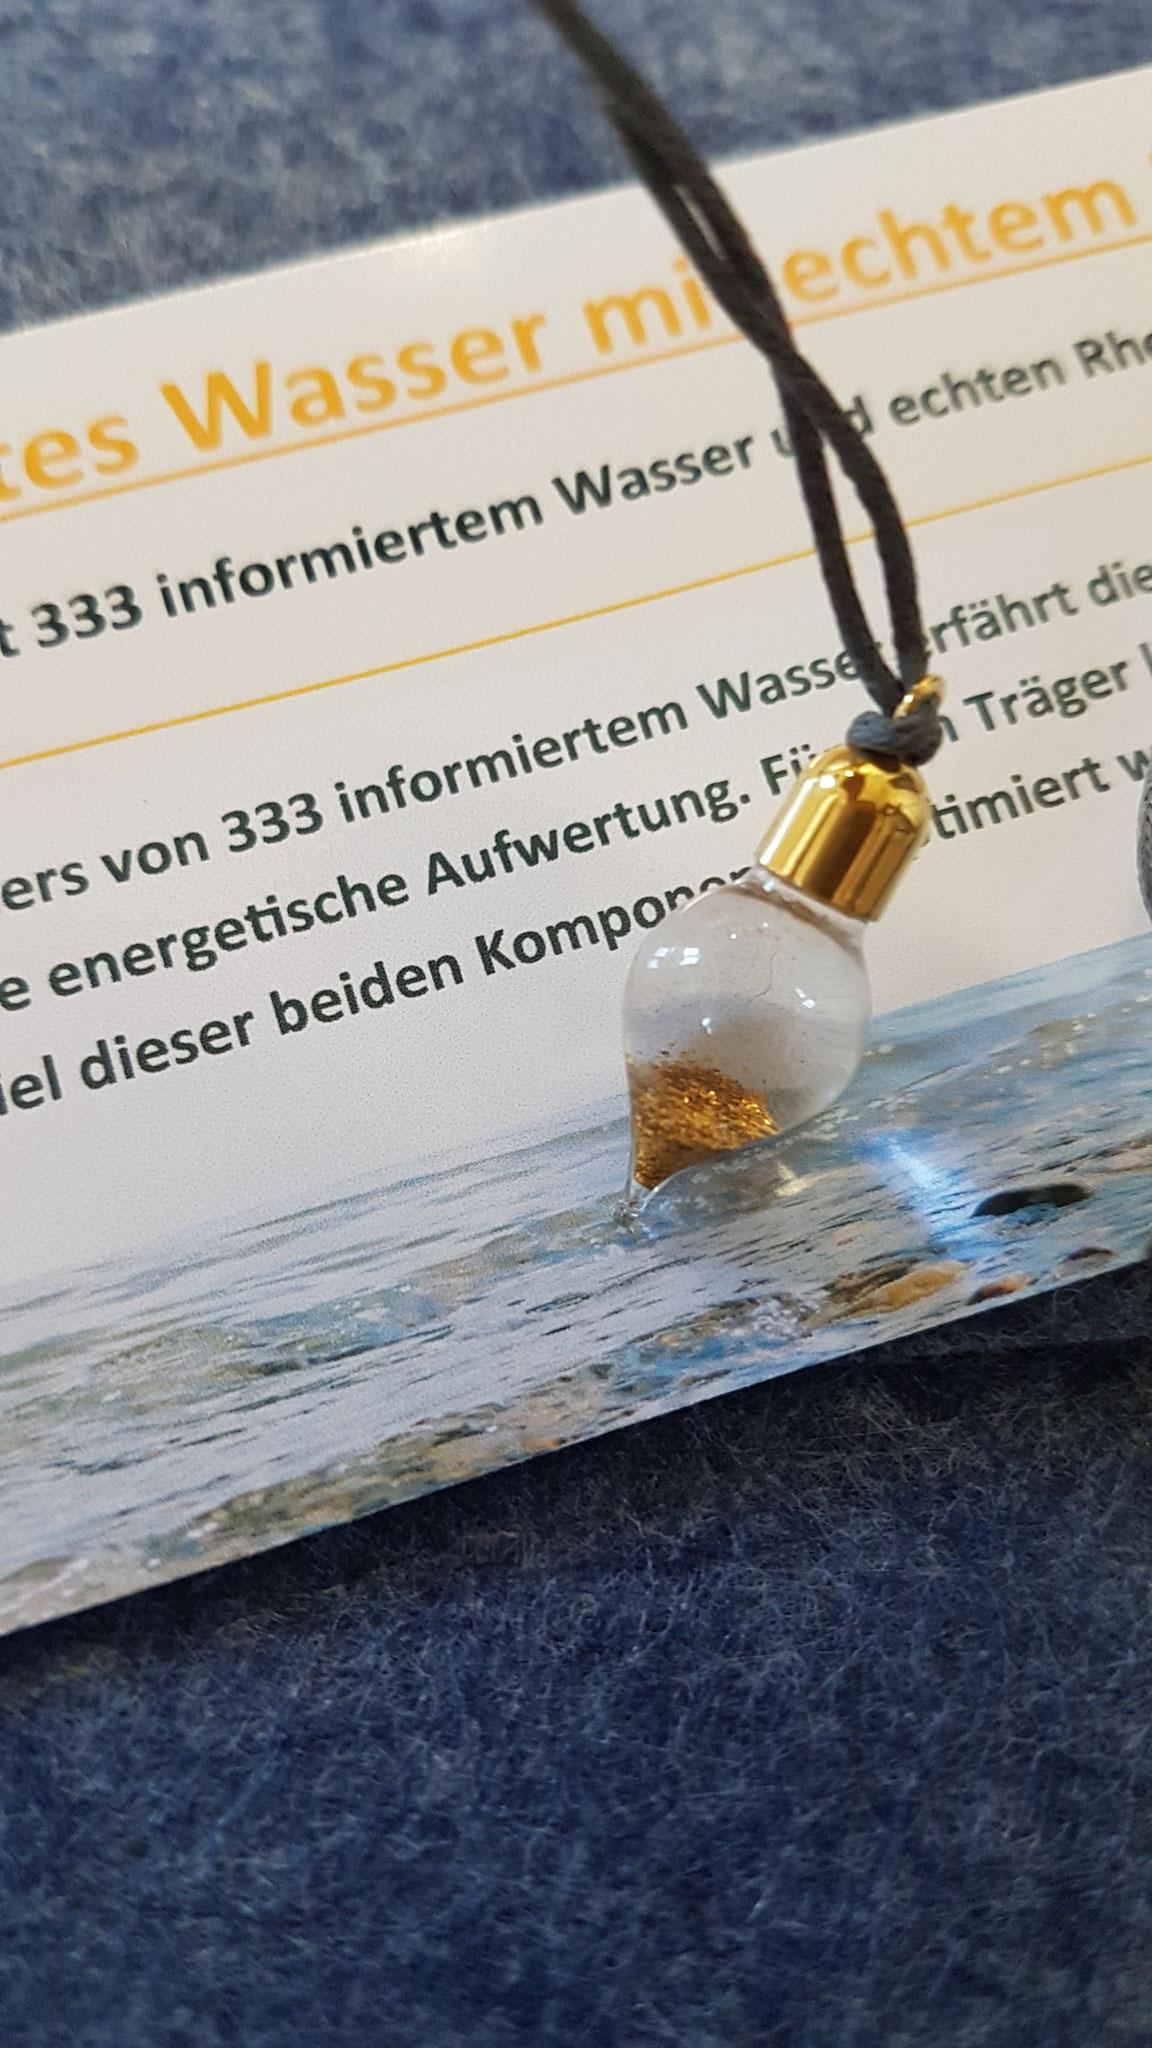 333 infomiertes Wasser mit echten Rheingoldflittern in Form eines Tropfens